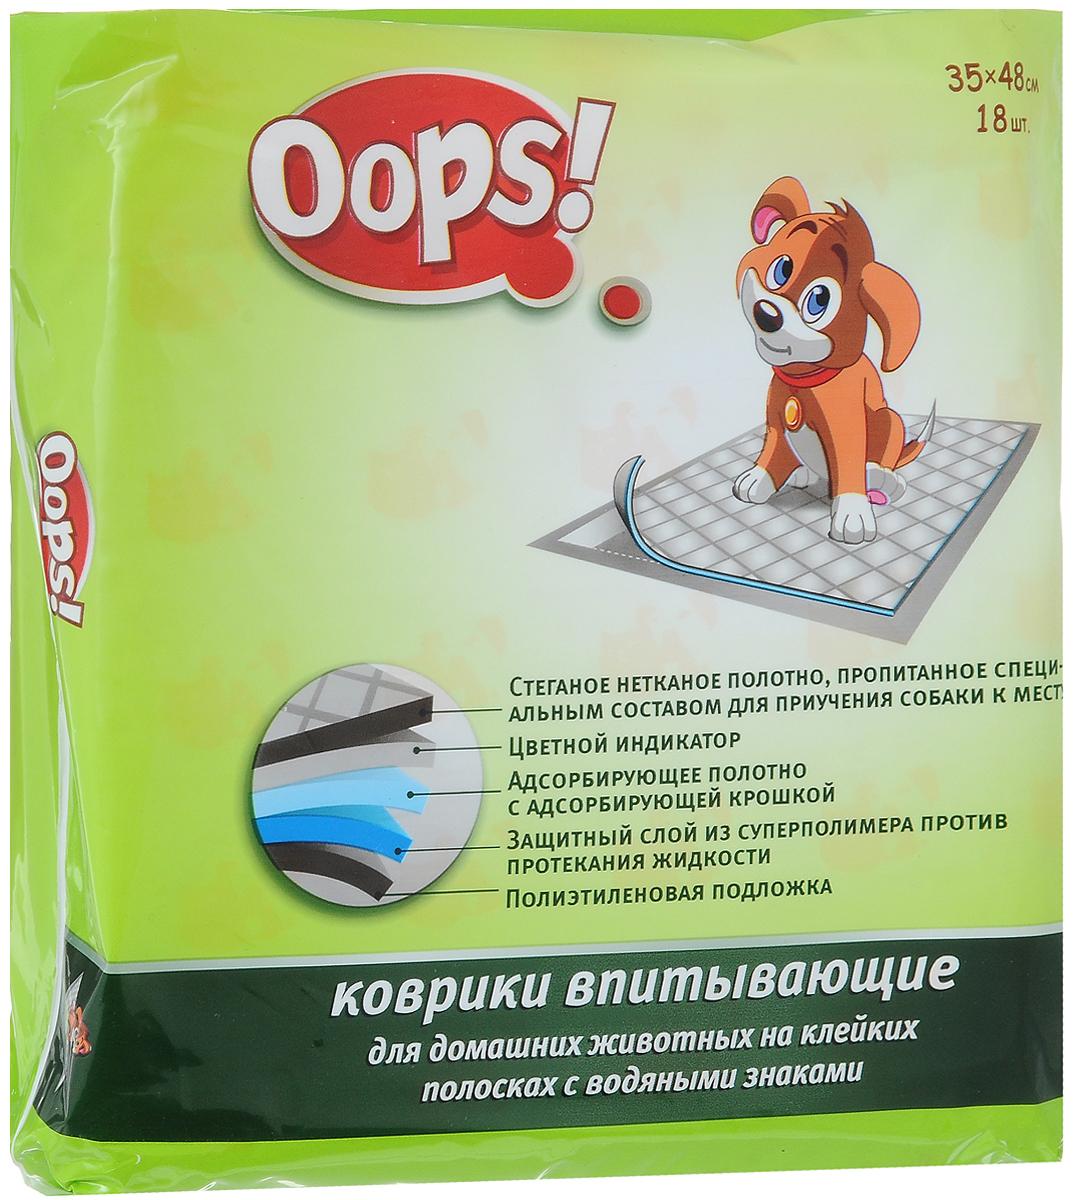 """Коврики для домашних животных """"OOPS!"""", впитывающие, на клейких полосках, 35 х 48 см, 18 шт"""